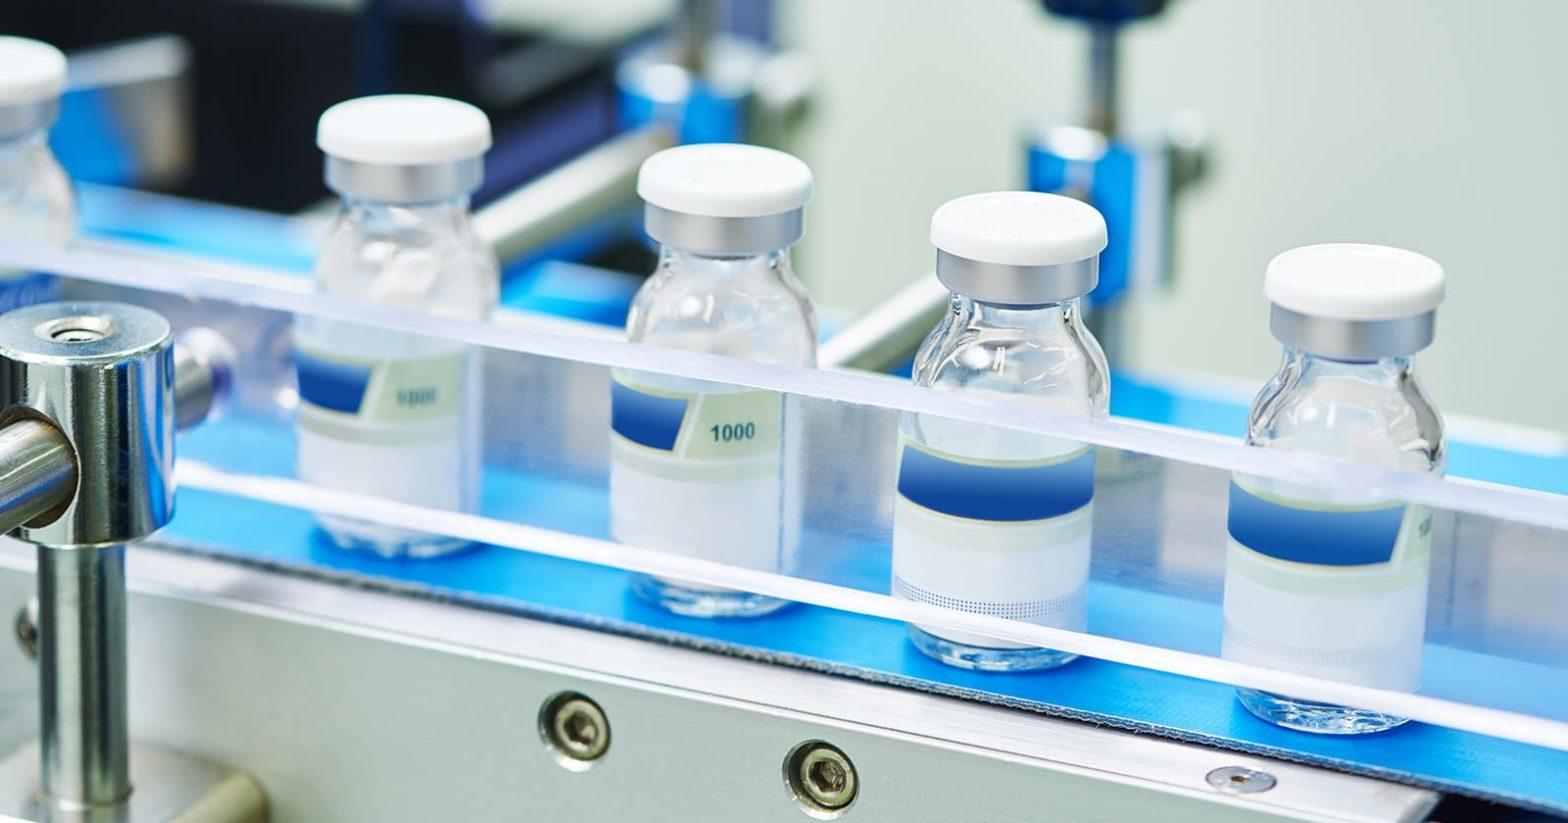 Laboratorios de calibración pieza fundamental en la elaboración de medicamentos